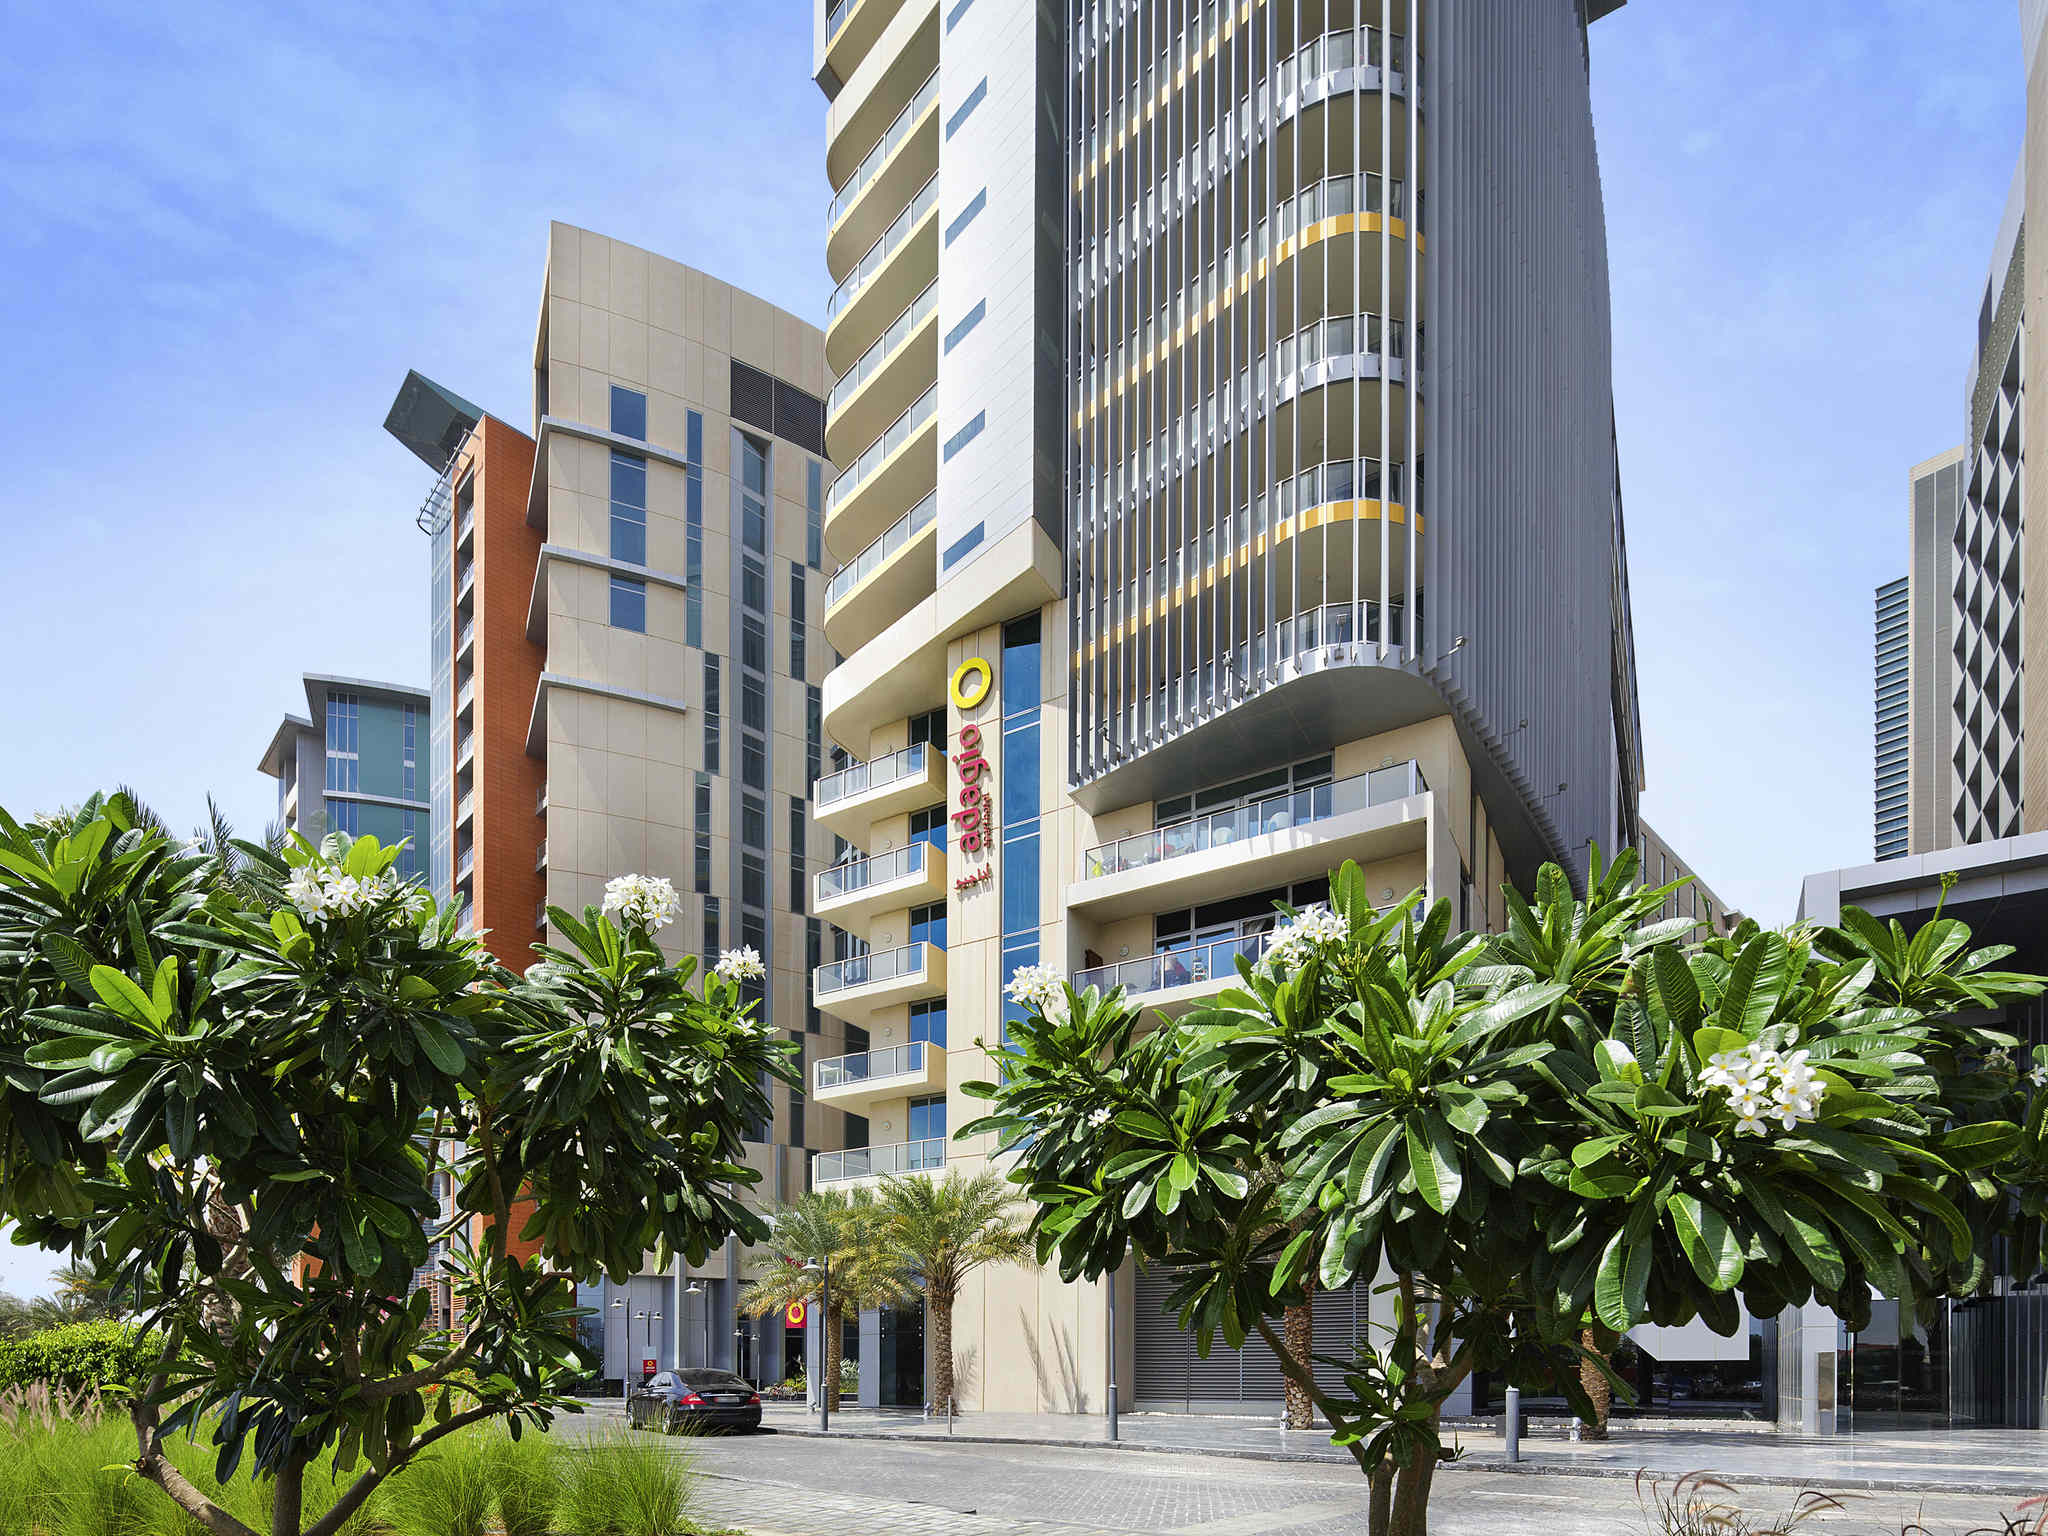 Hotel In Abu Dhabi Aparthotel Adagio Al Bustan With Pool